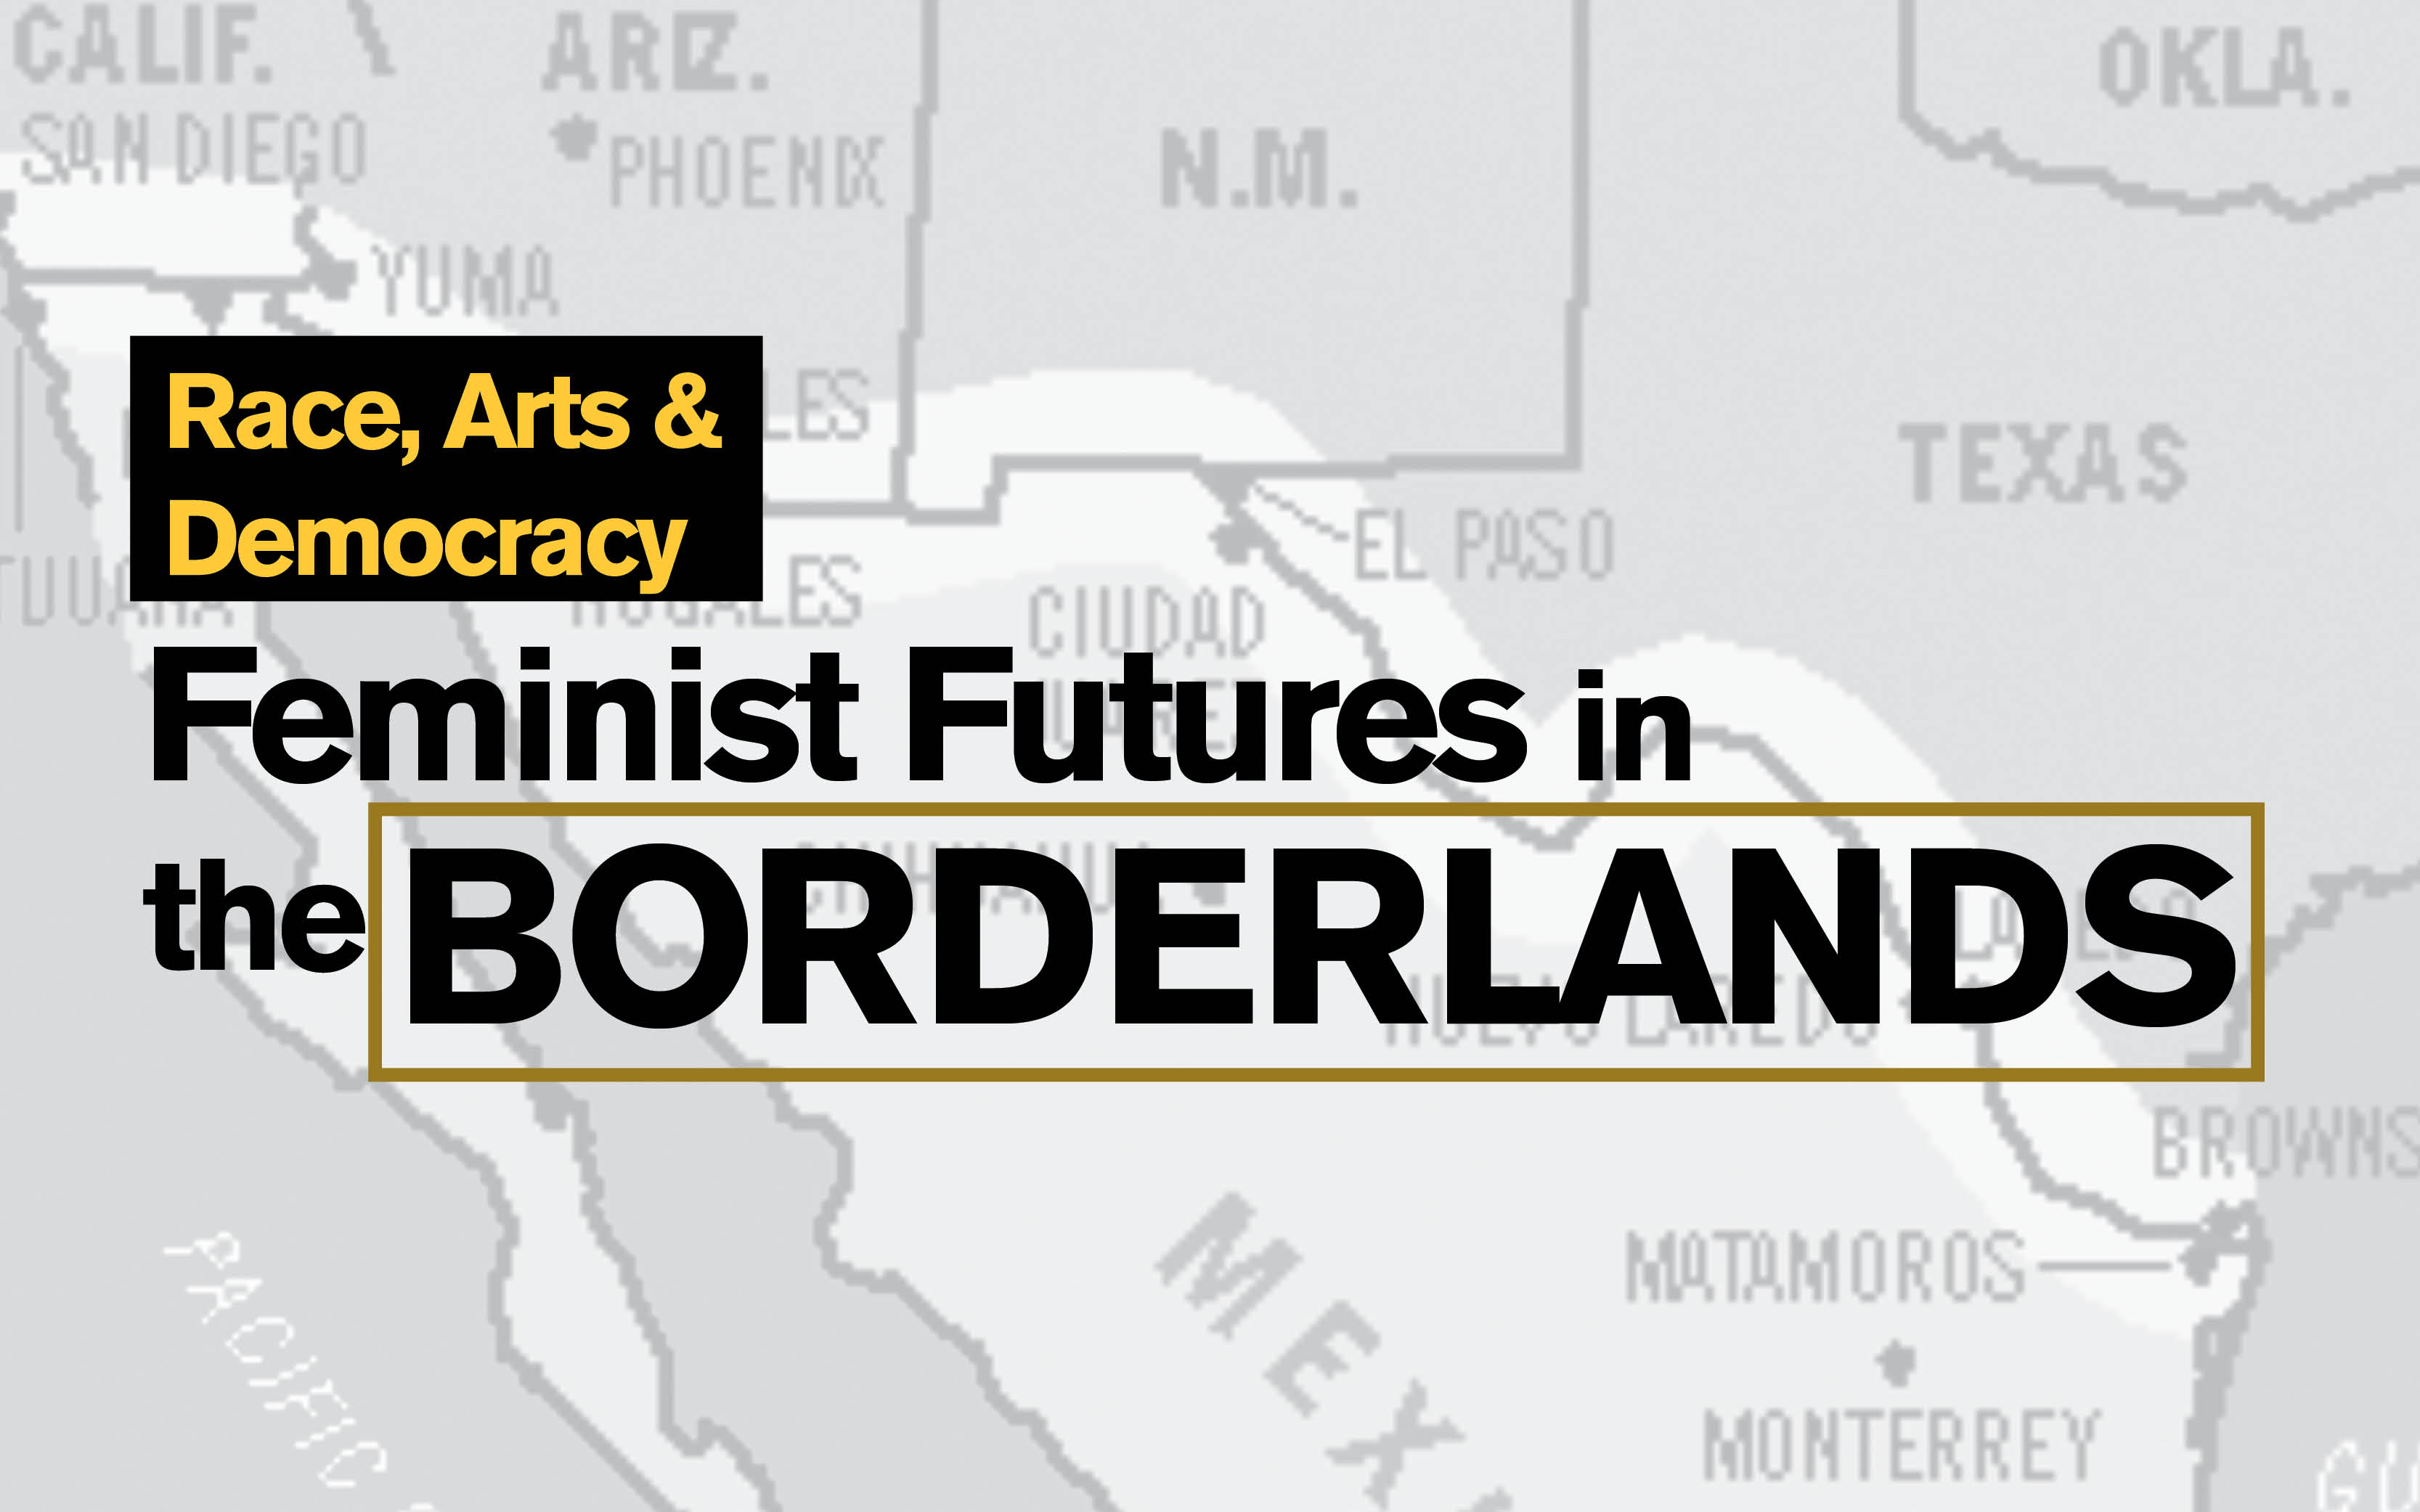 Event image Feminist Futures in the Borderland